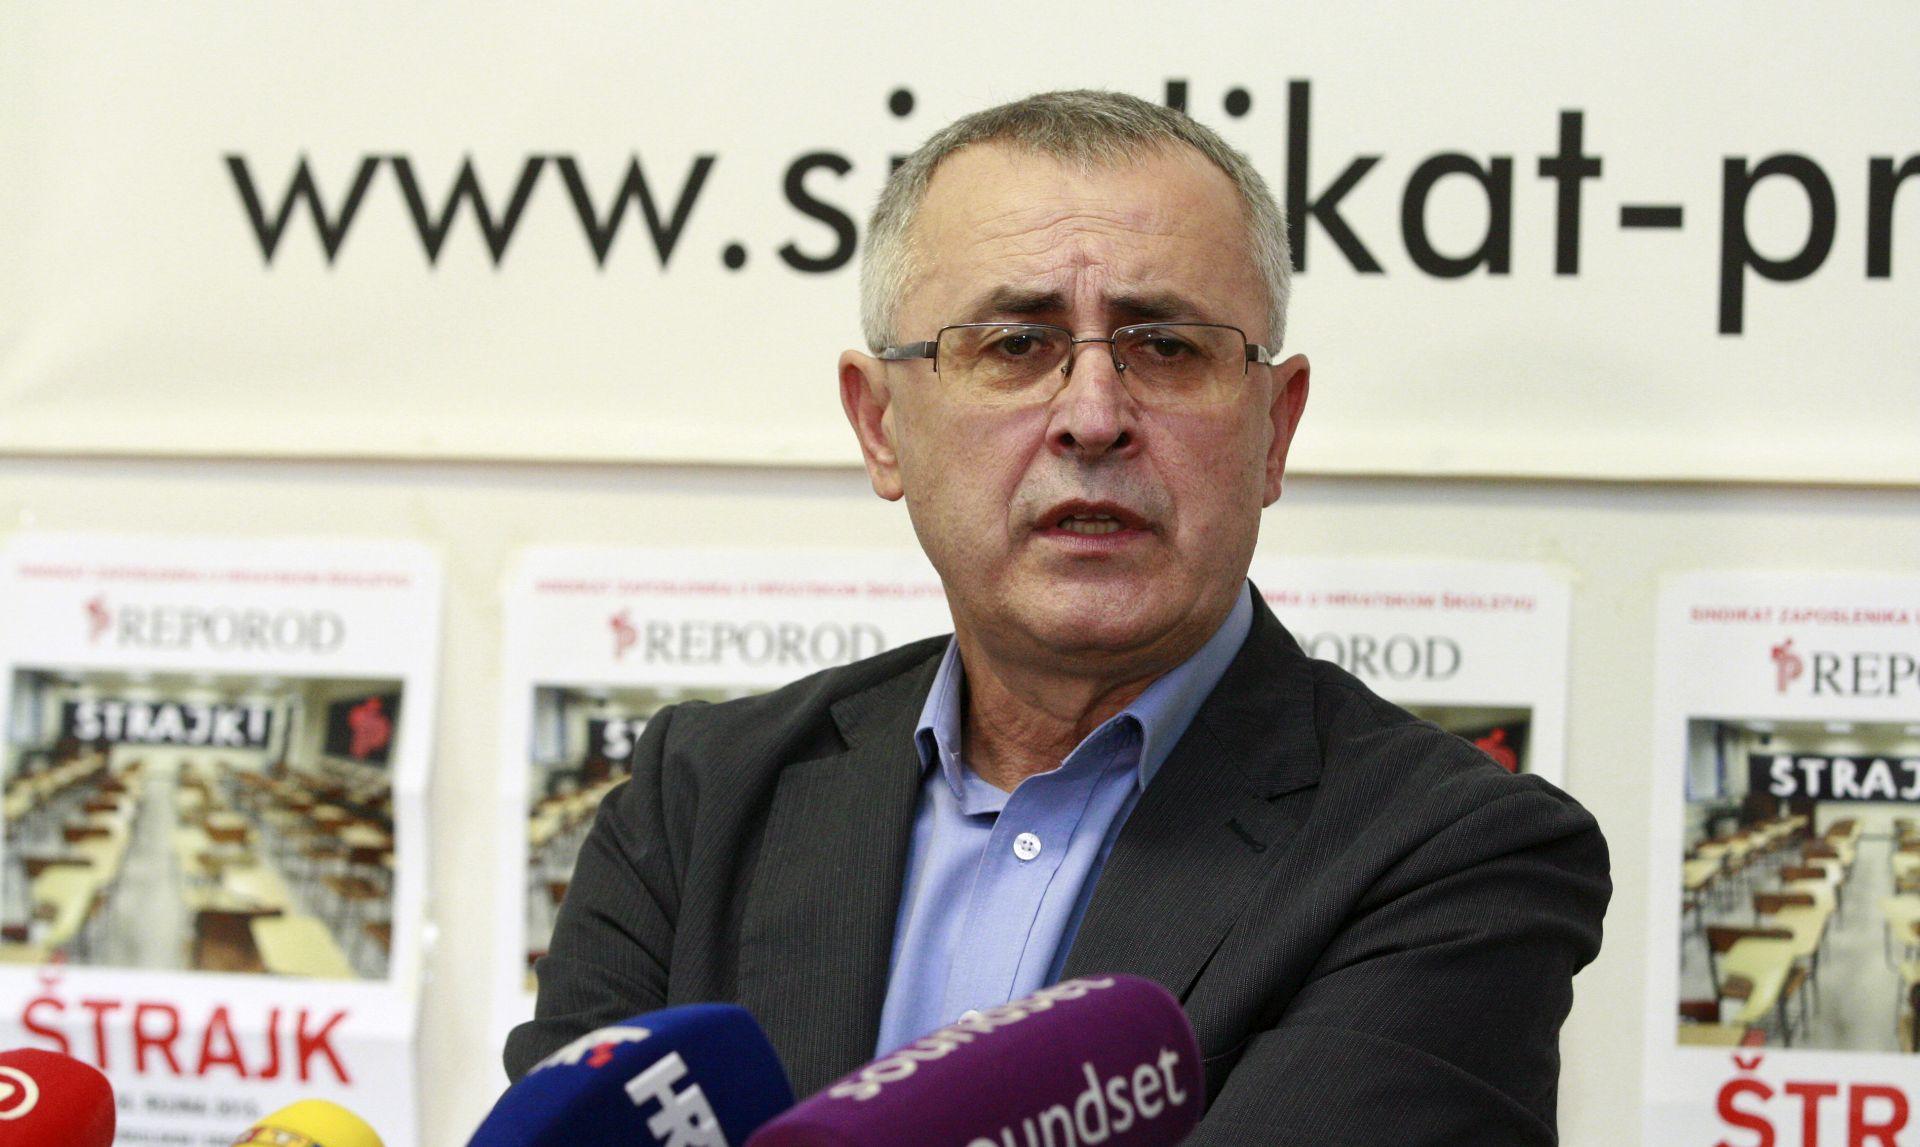 ZBOG NEUSPJEHA ŠTRAJKA Predsjednik 'Preporoda' Željko Stipić podnio ostavku